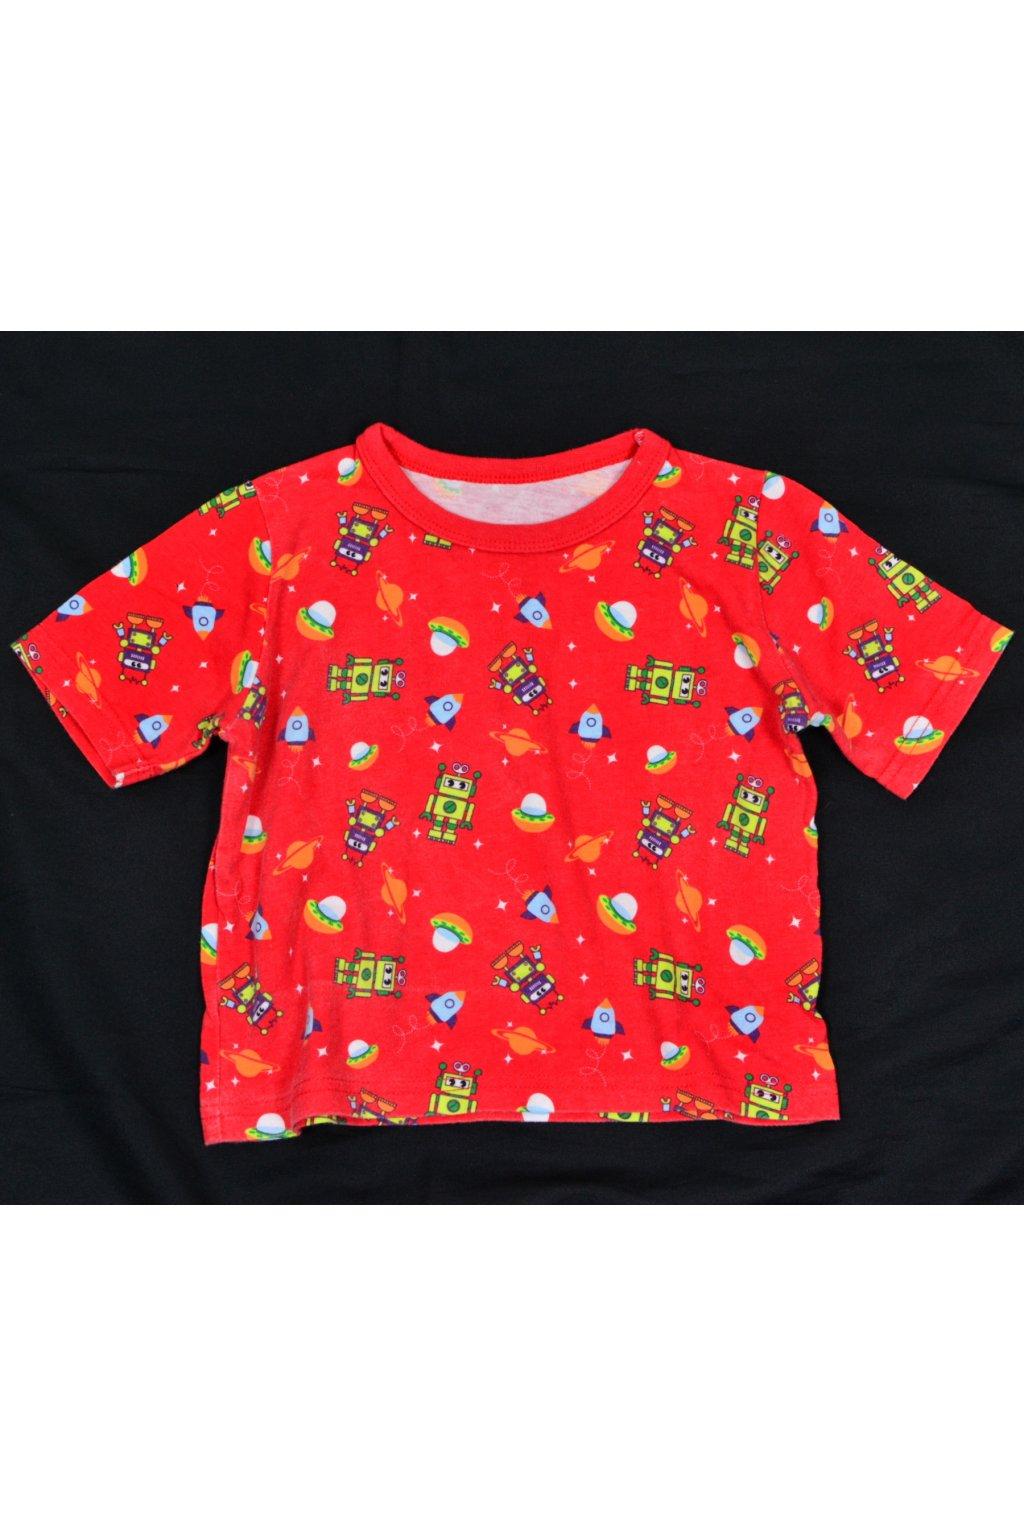 Tričko George 80-86 červené roboti krátký rukáv